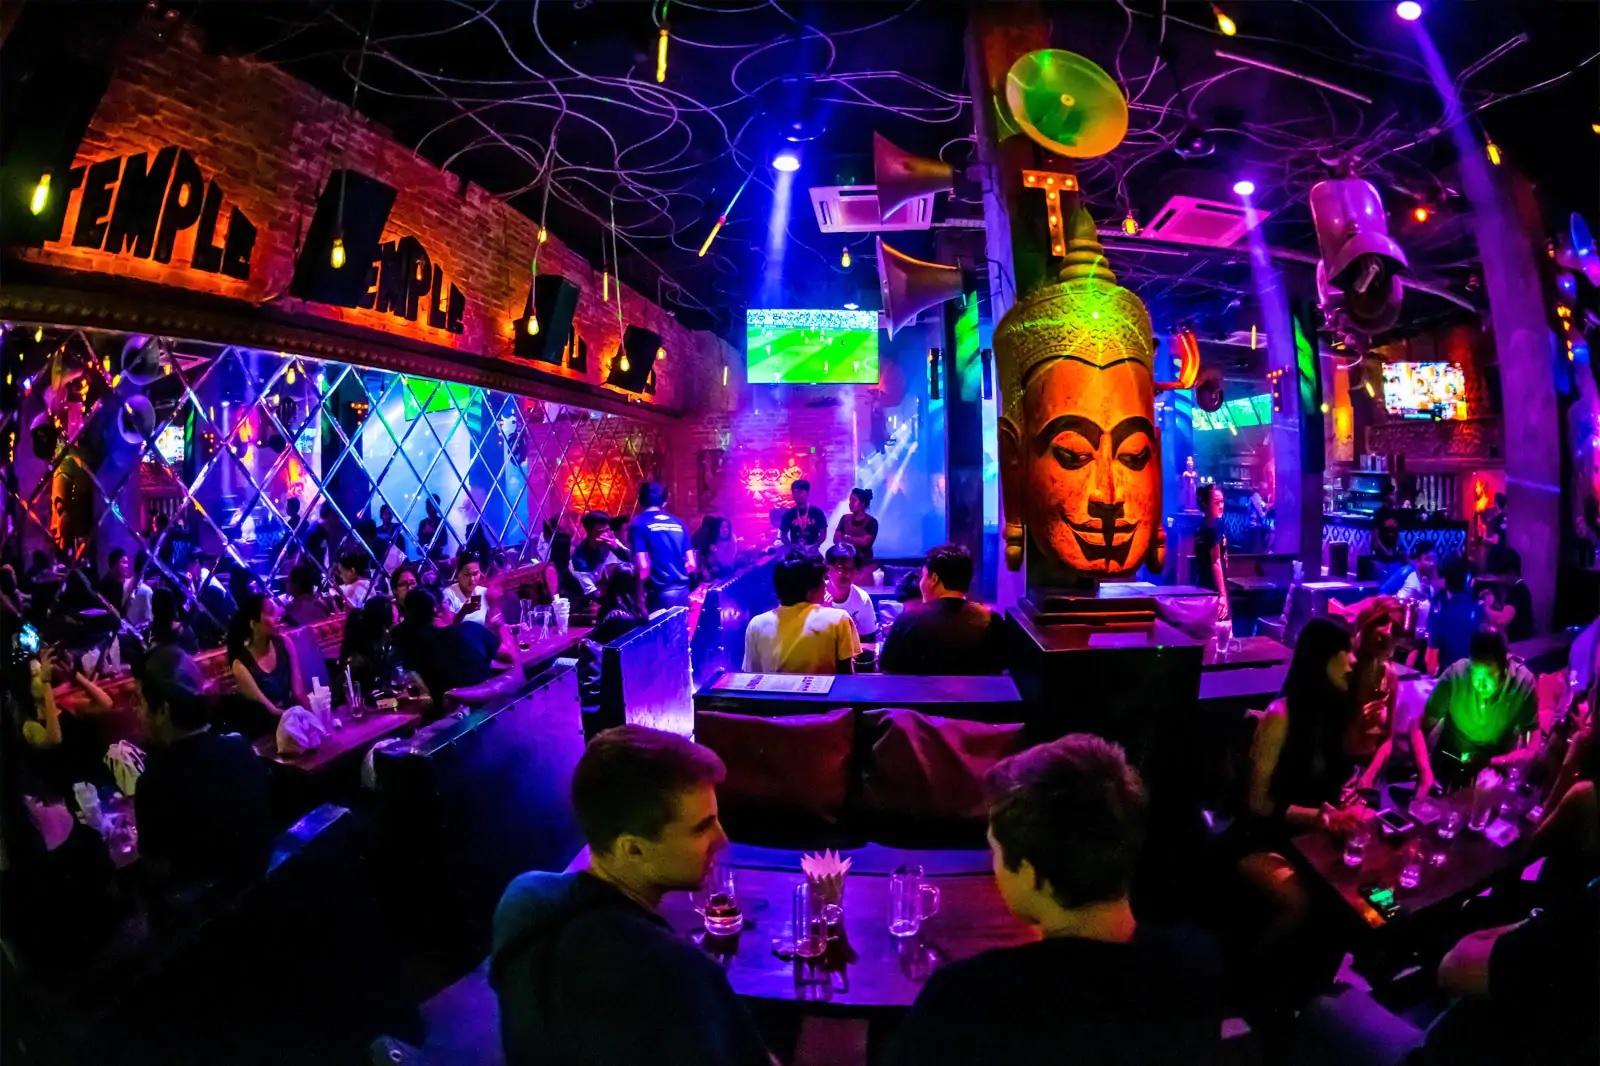 Siem Rep Nightlife images